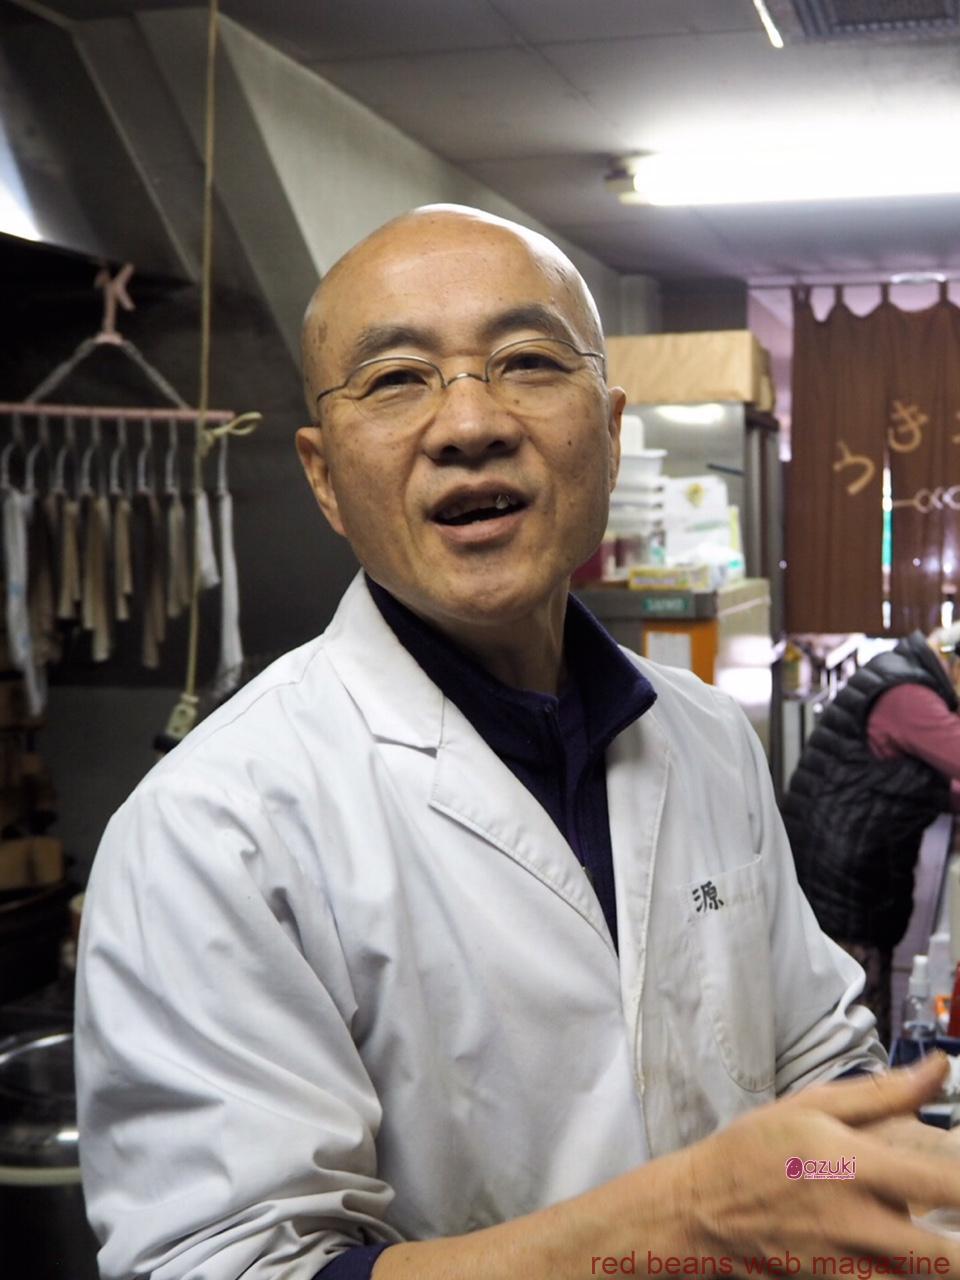 和菓子は、和やかな気持になる菓子なんだよ、とはなしてくださる岩崎健一さん